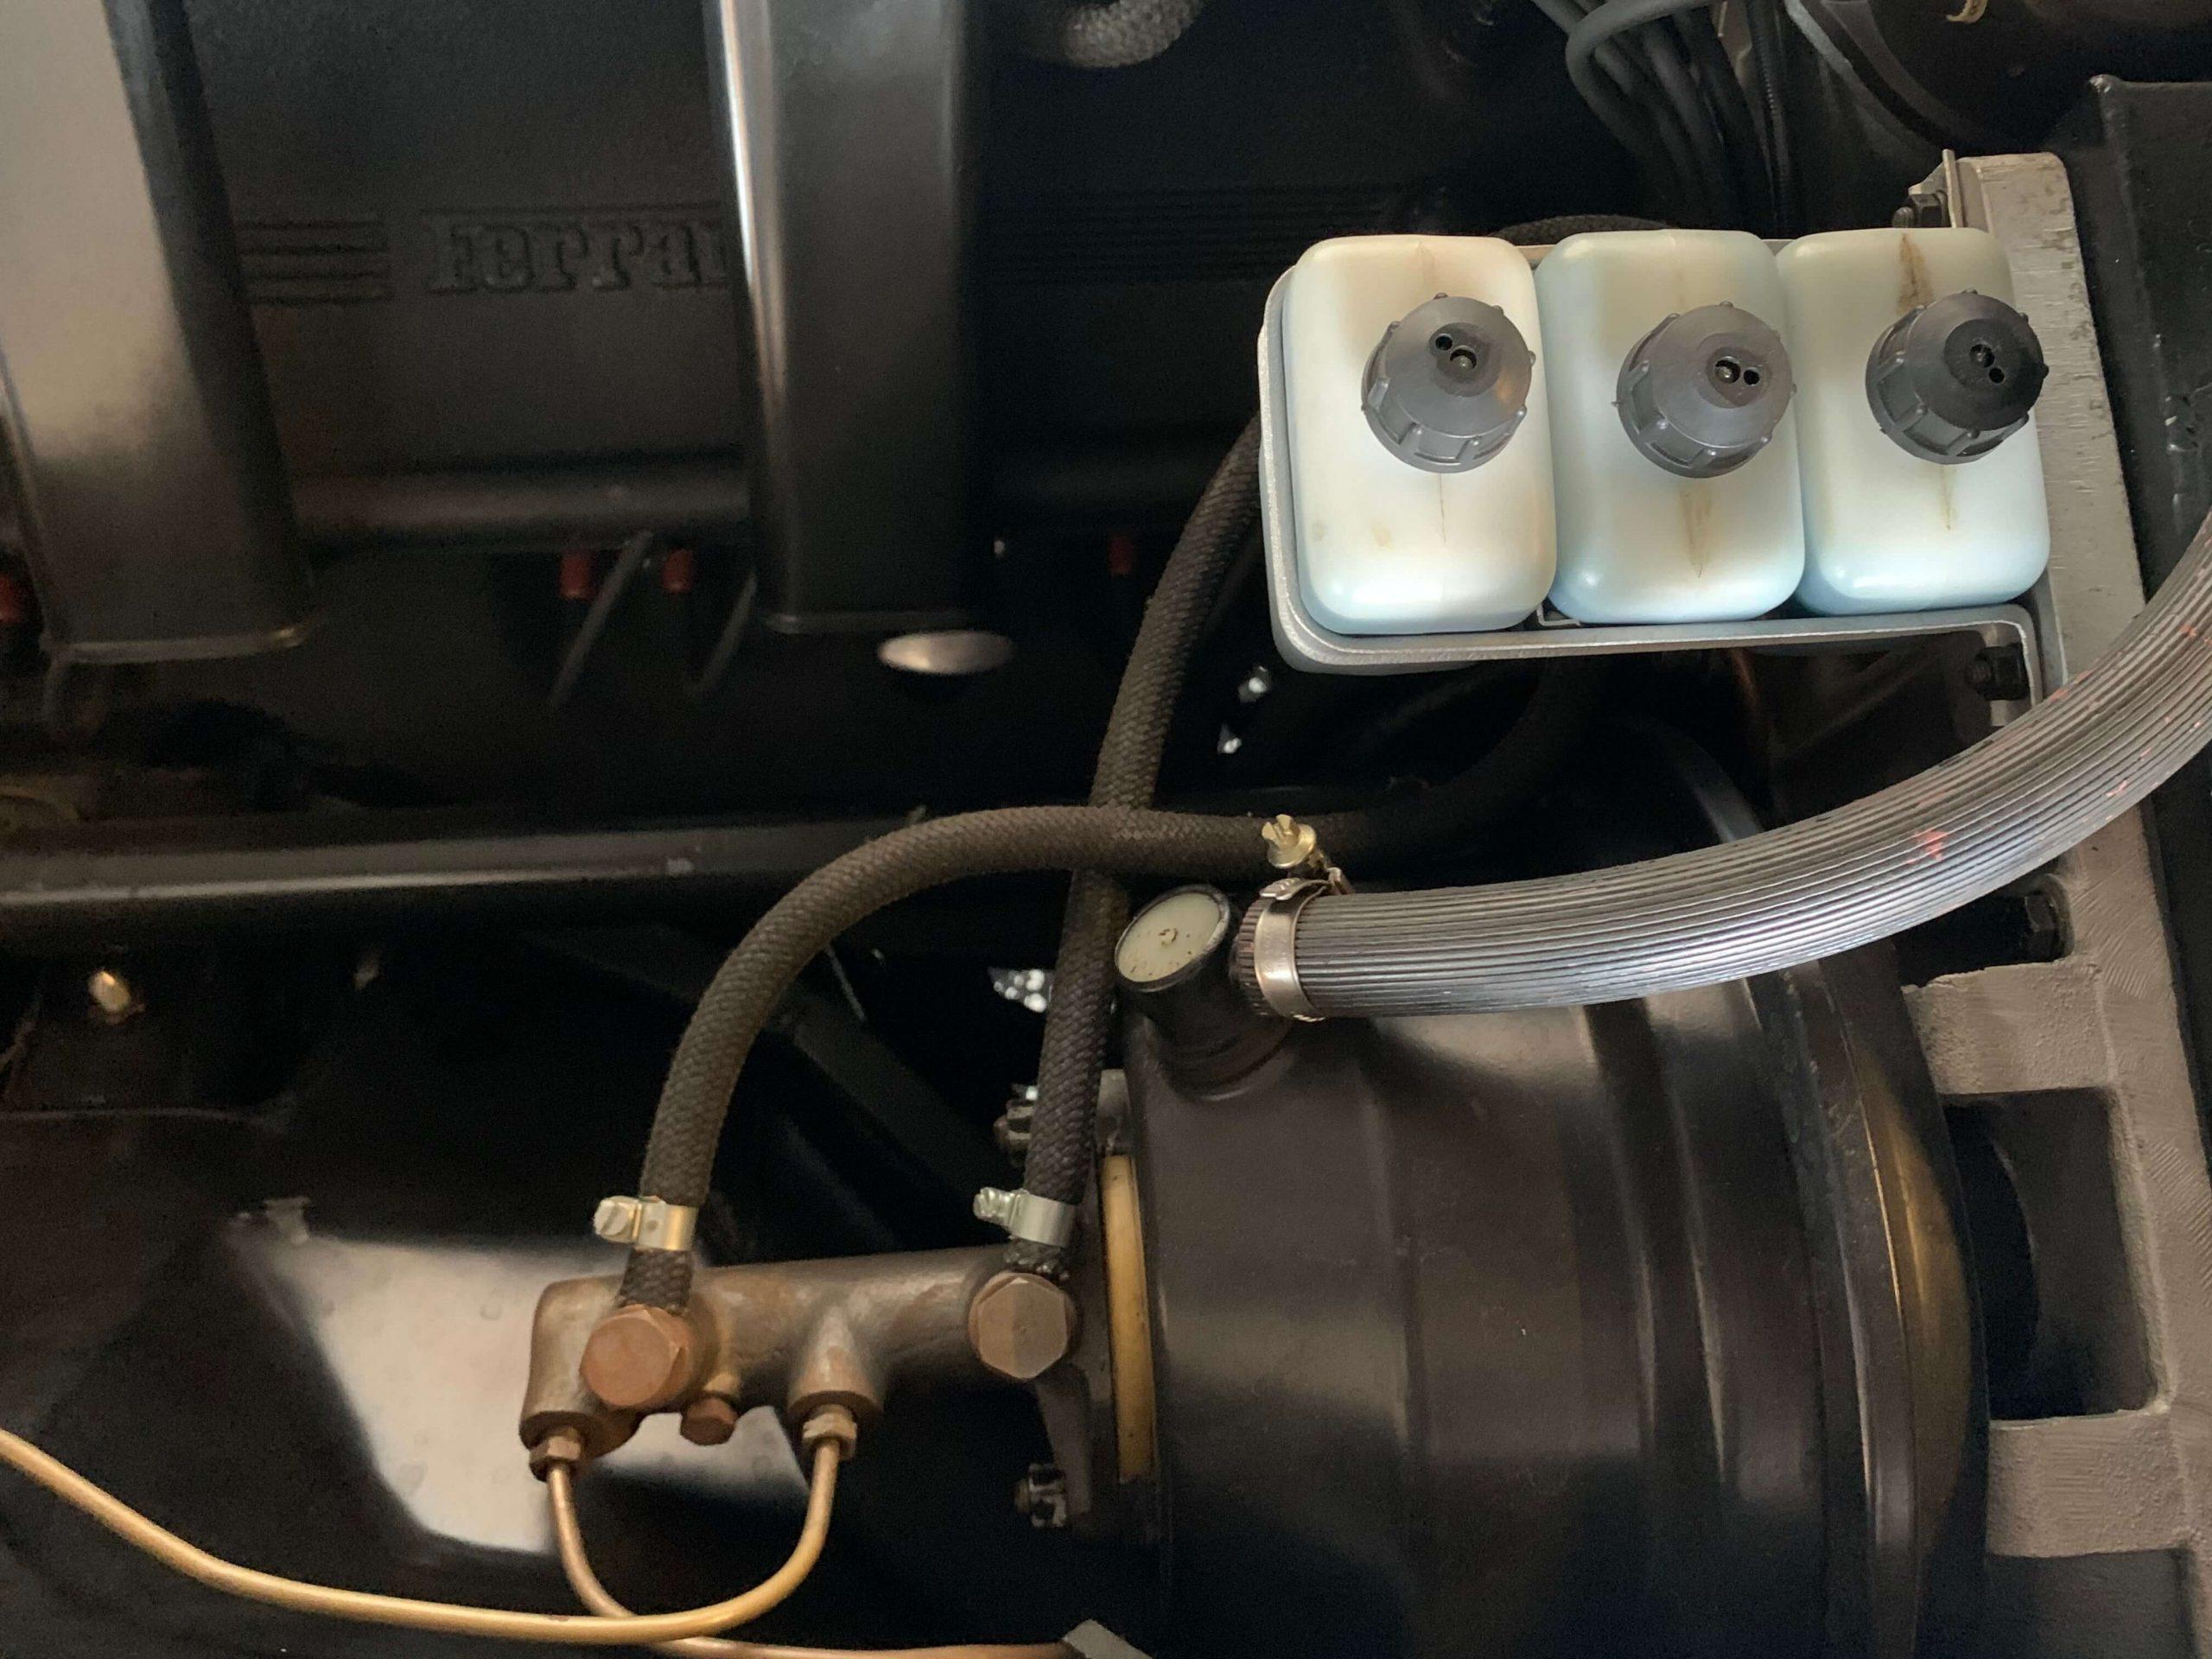 Ferrari 330 GTC Brake system